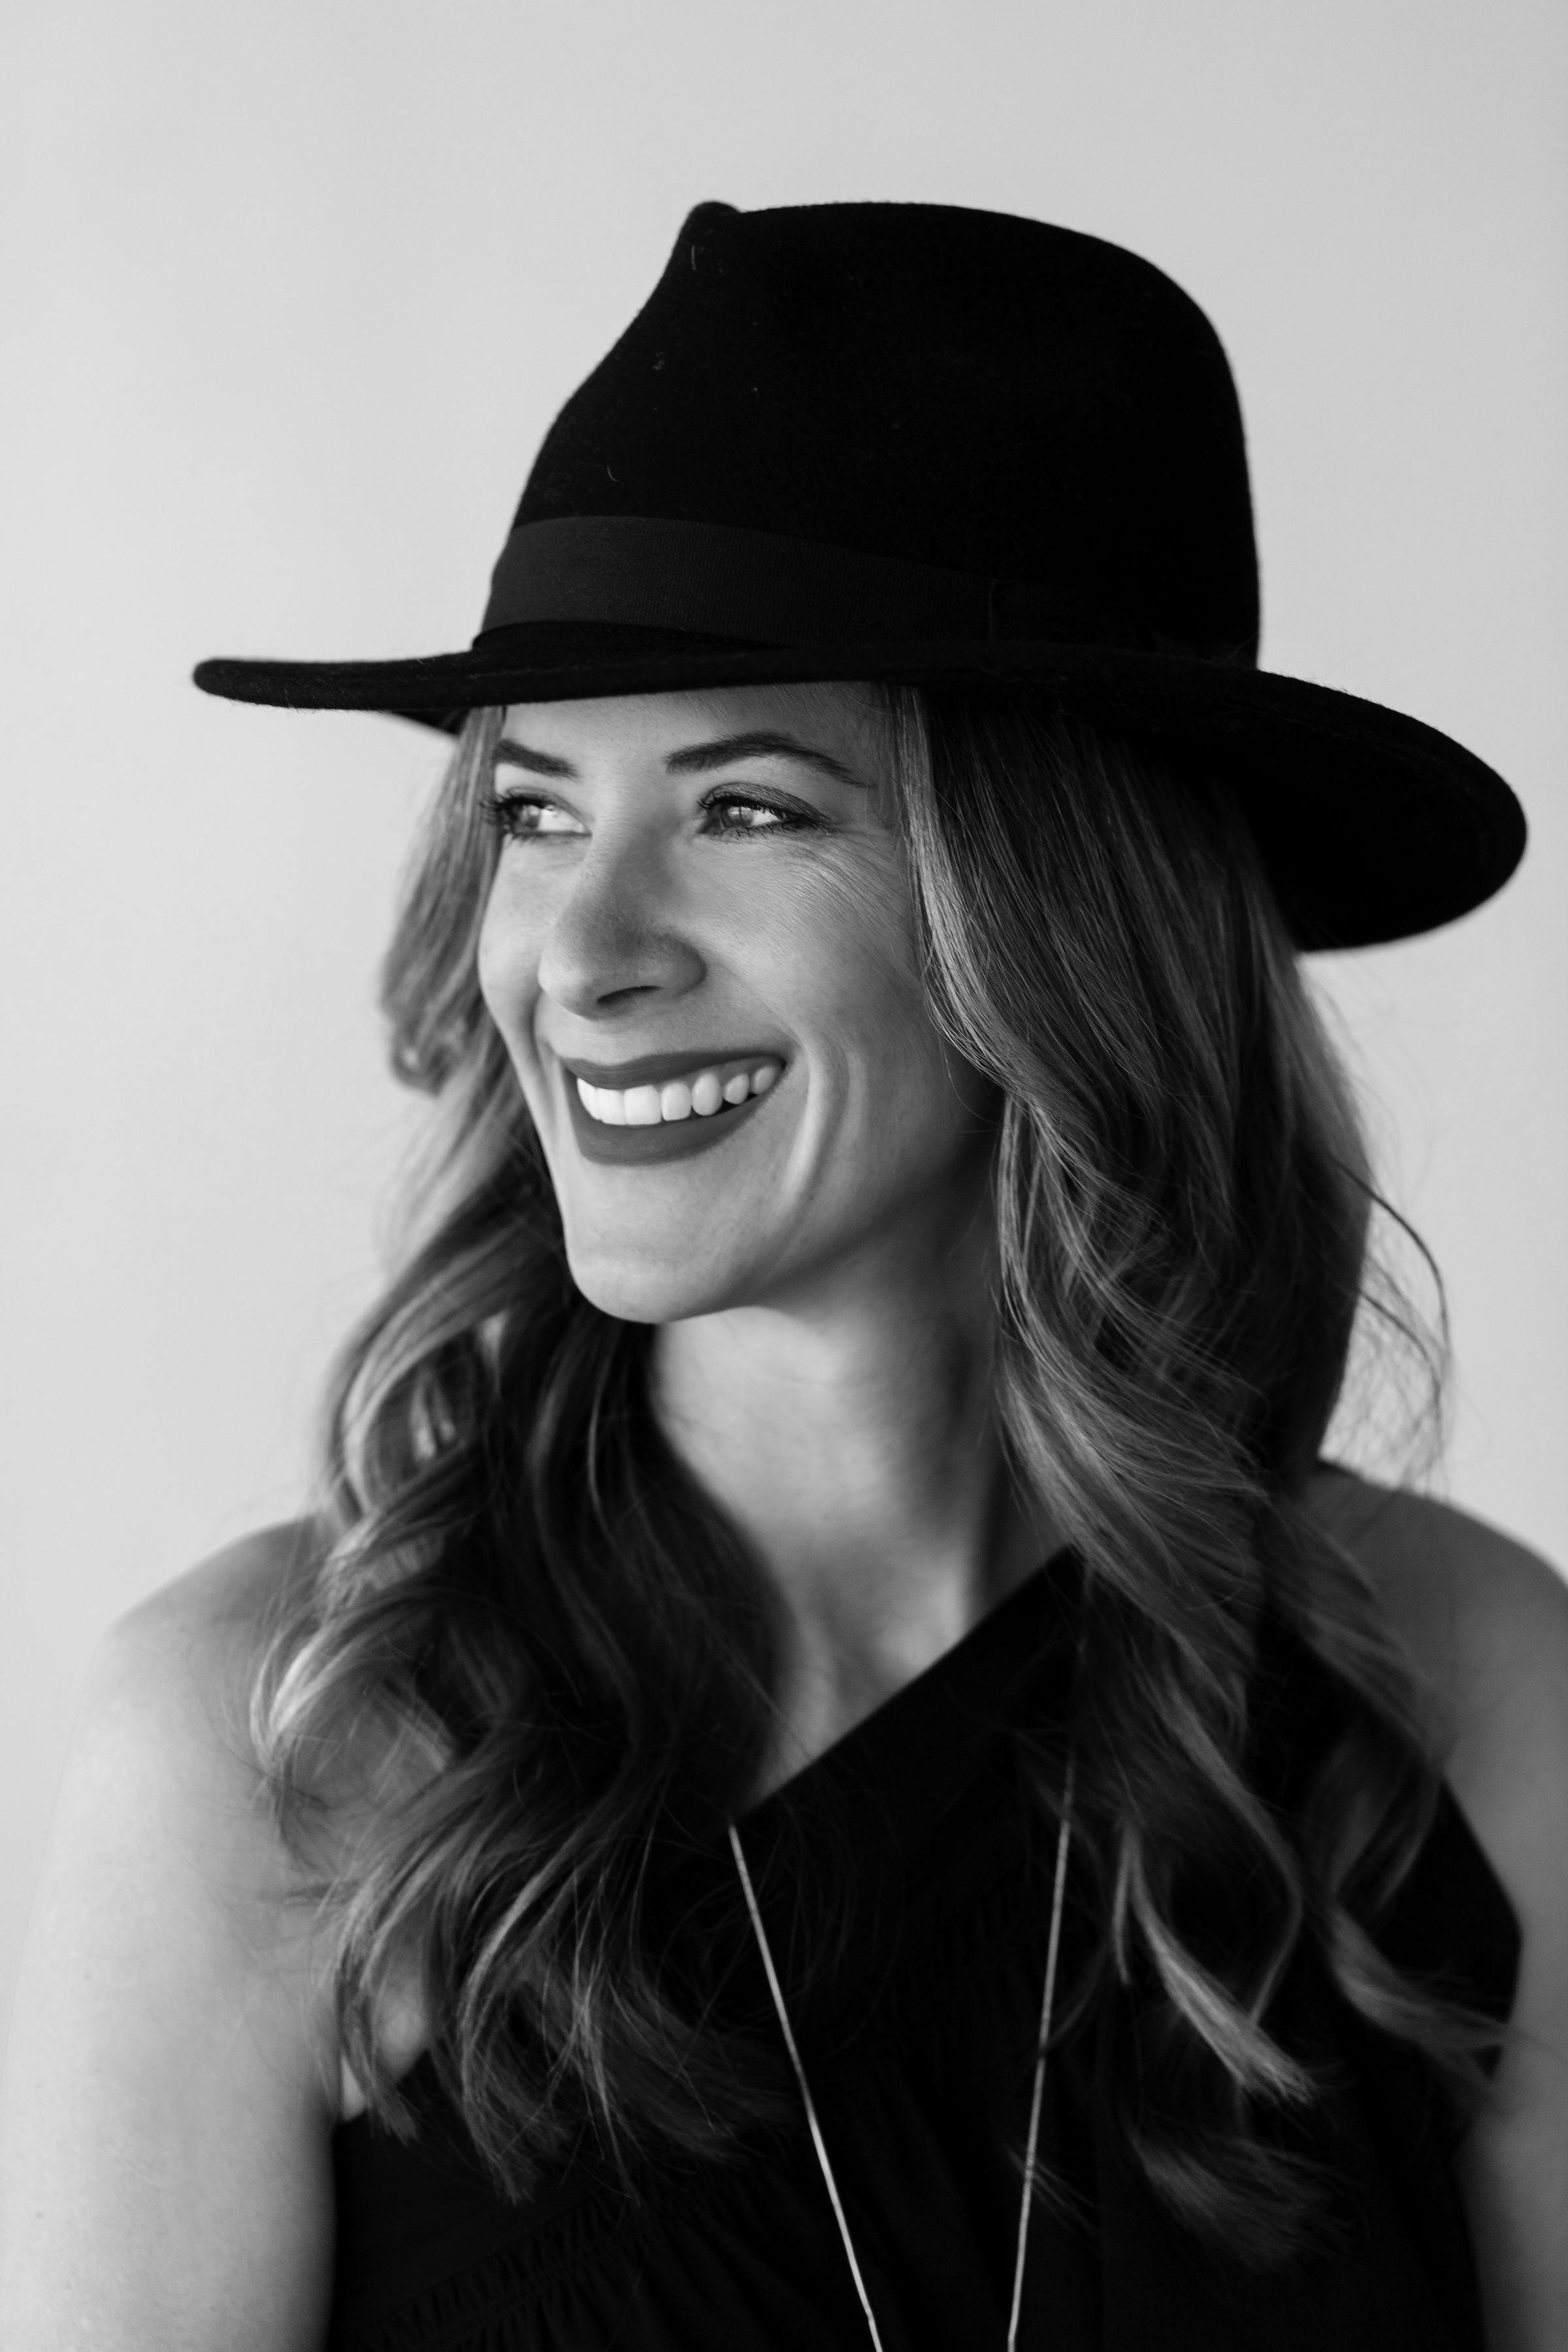 Kate-Wilkonson-2019-1042-RT_bw.jpg